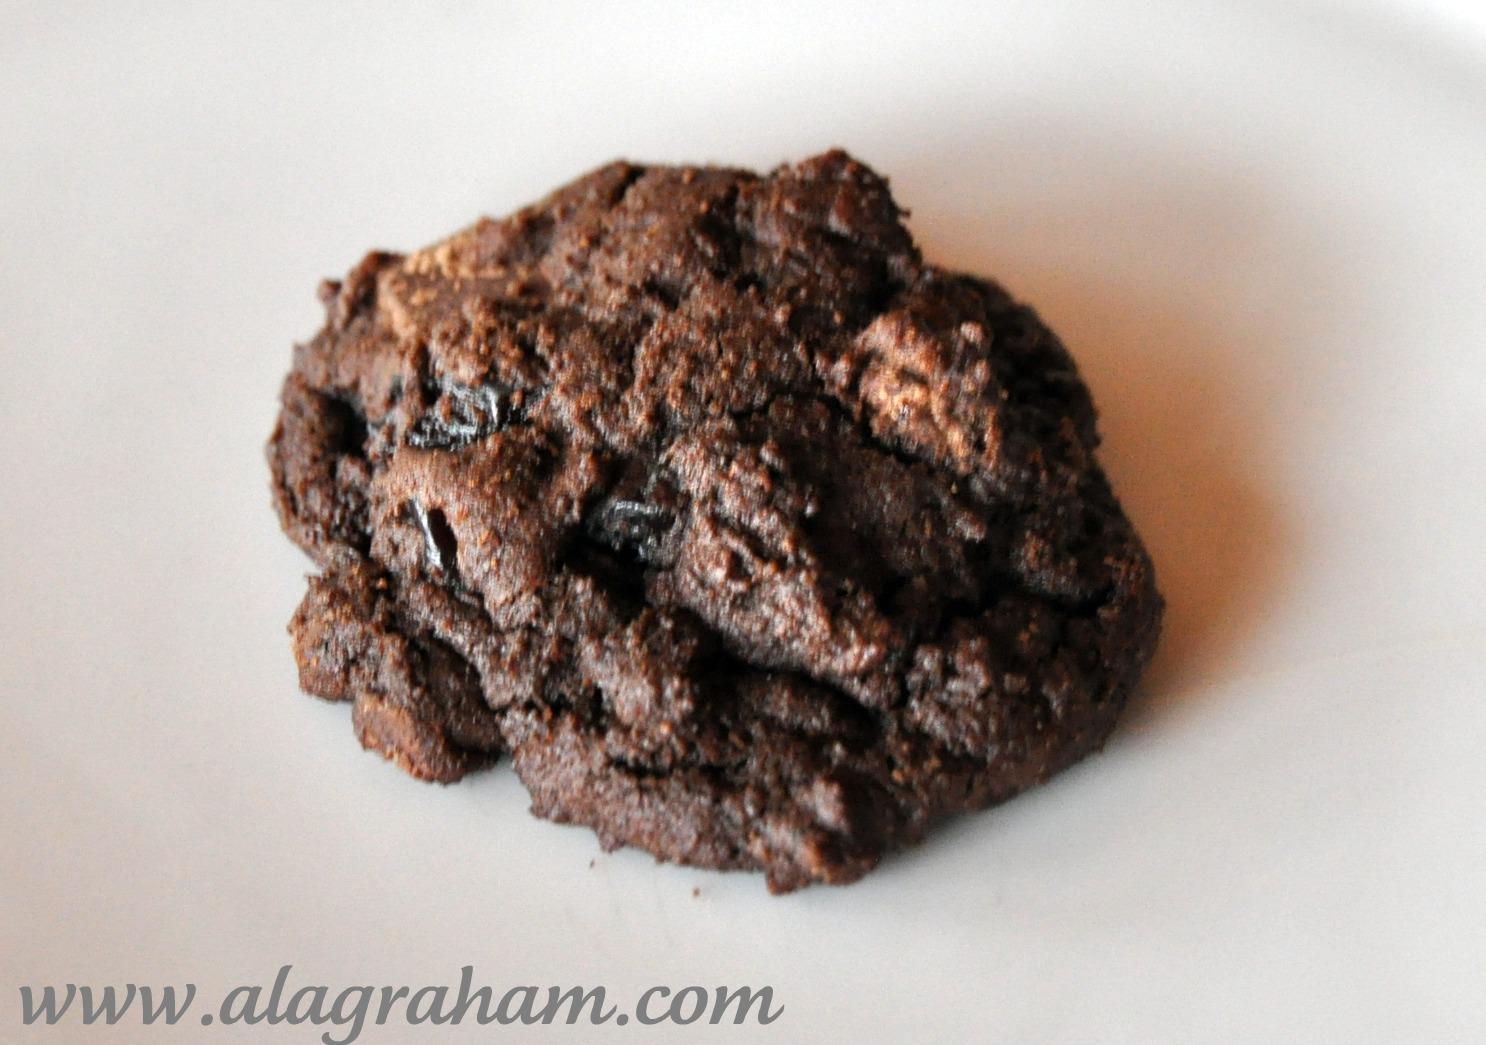 LA GRAHAM: DOUBLE CHOCOLATE CHERRY ESPRESSO COOKIES